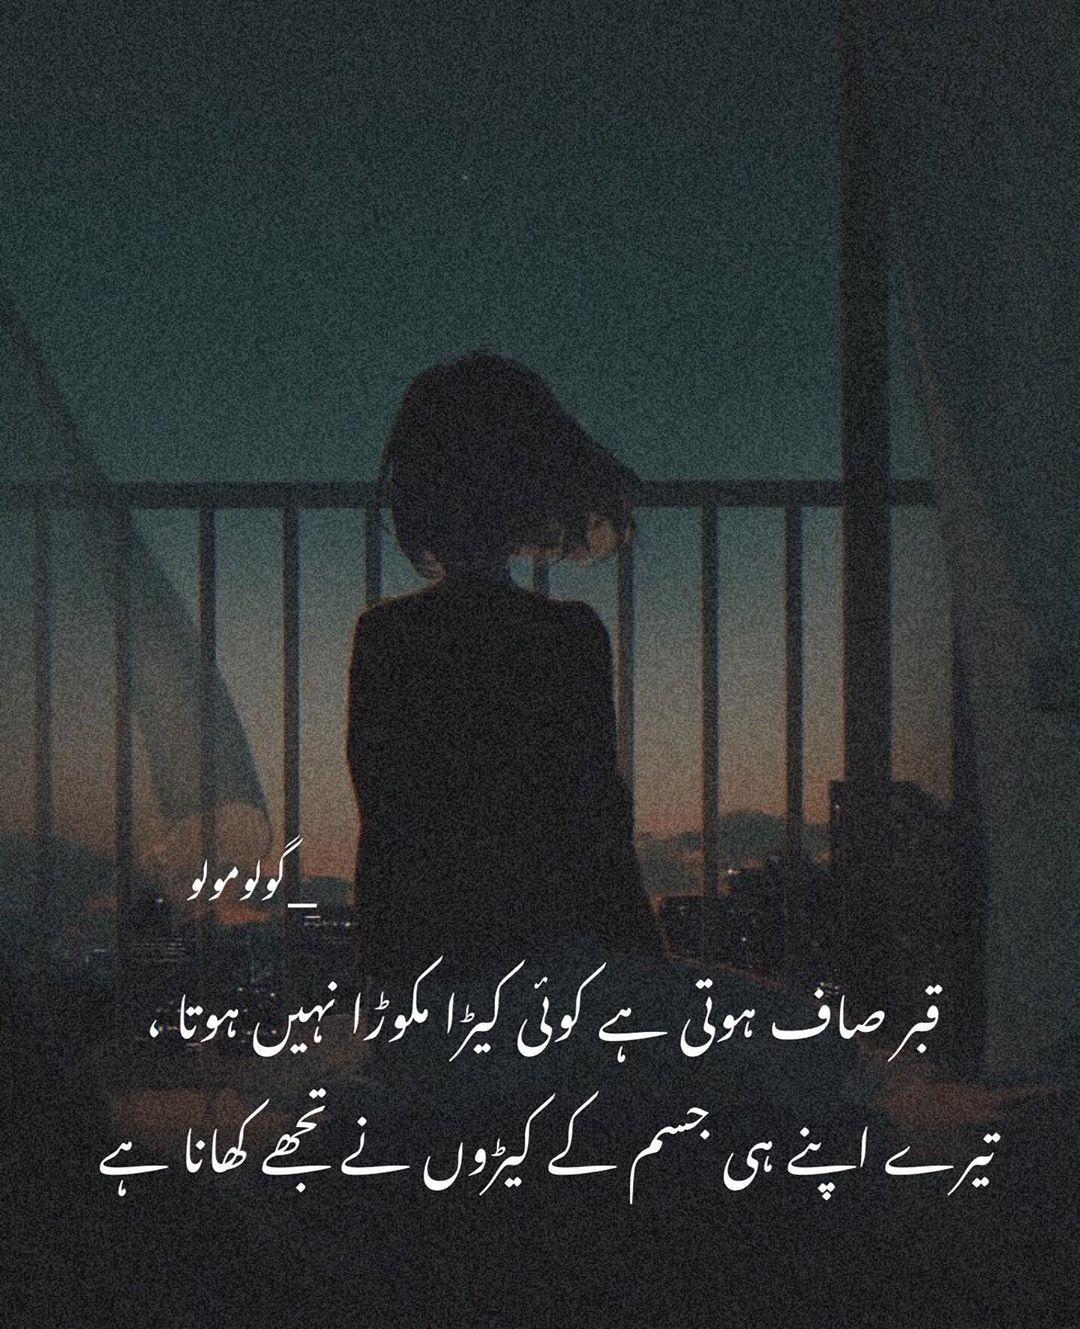 G O L U M O L U On Instagram Qabar قبر Poetry Deep Urdu Poetry Life Quotes